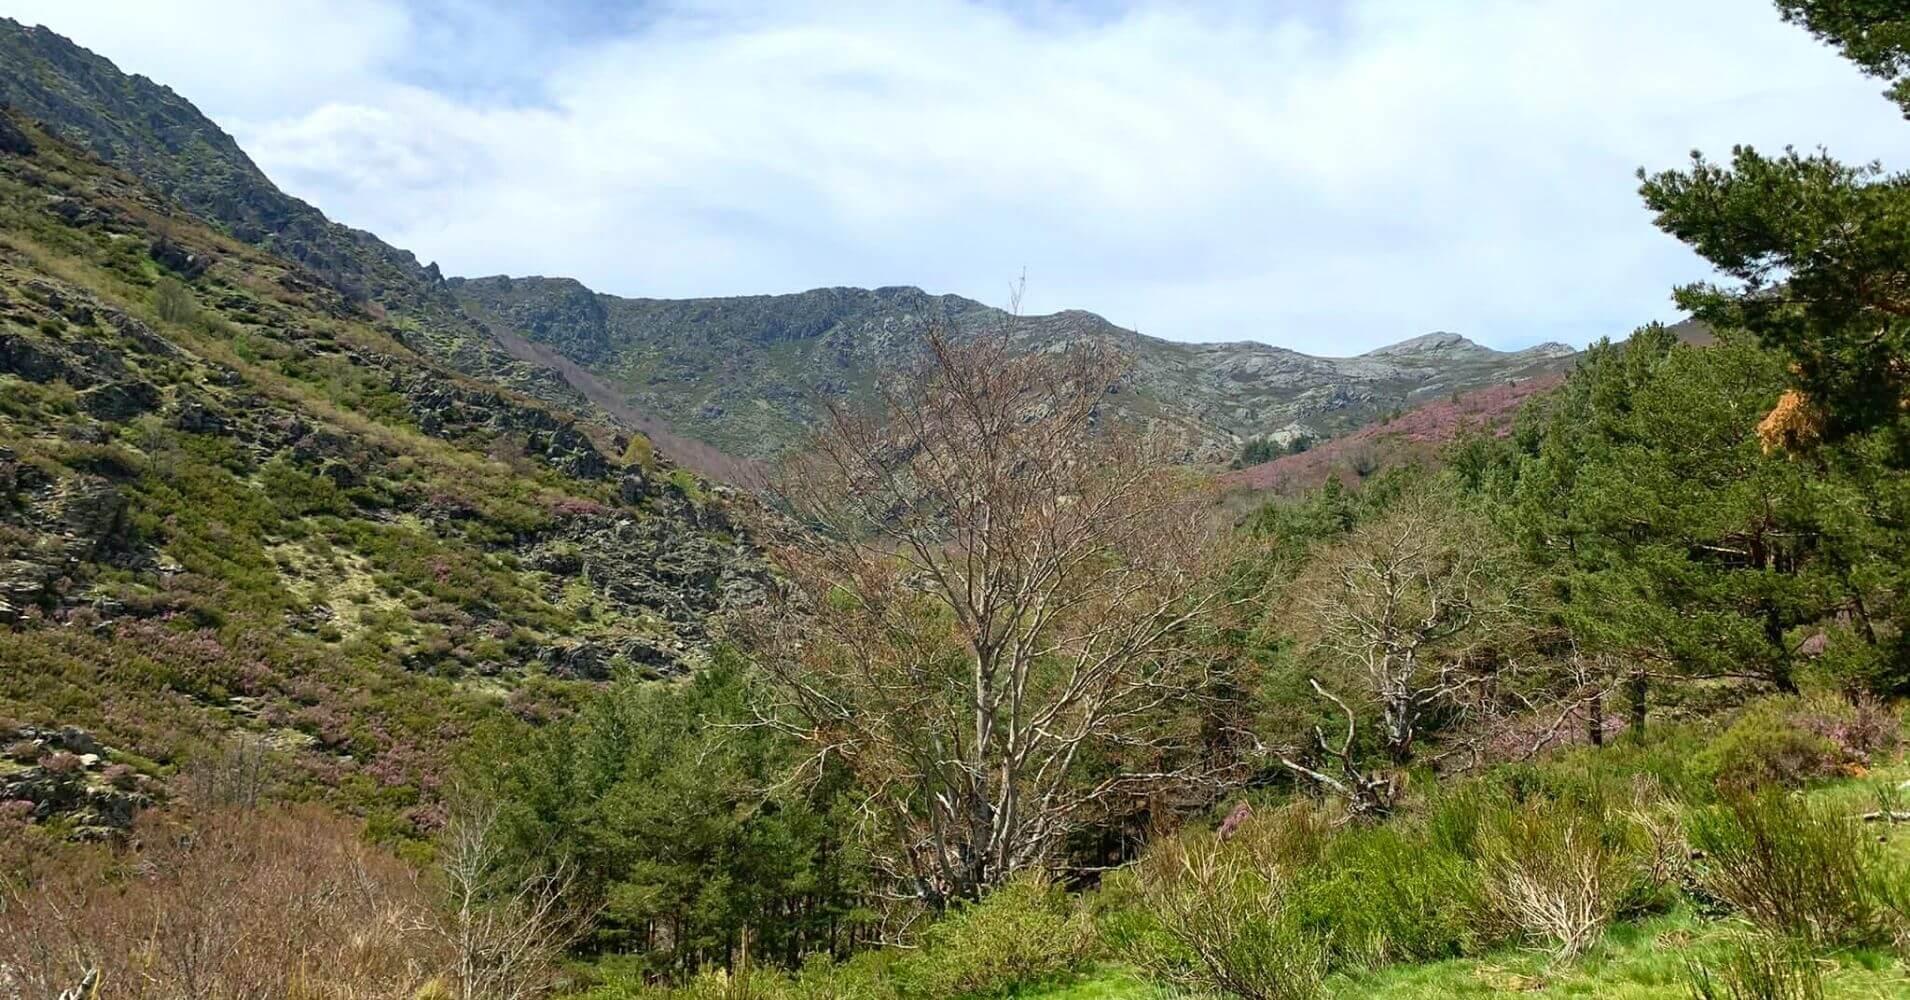 Zona de Vegetación del Río Sorbe. Sierra de Ayllón. Guadalajara, Castilla la Mancha.